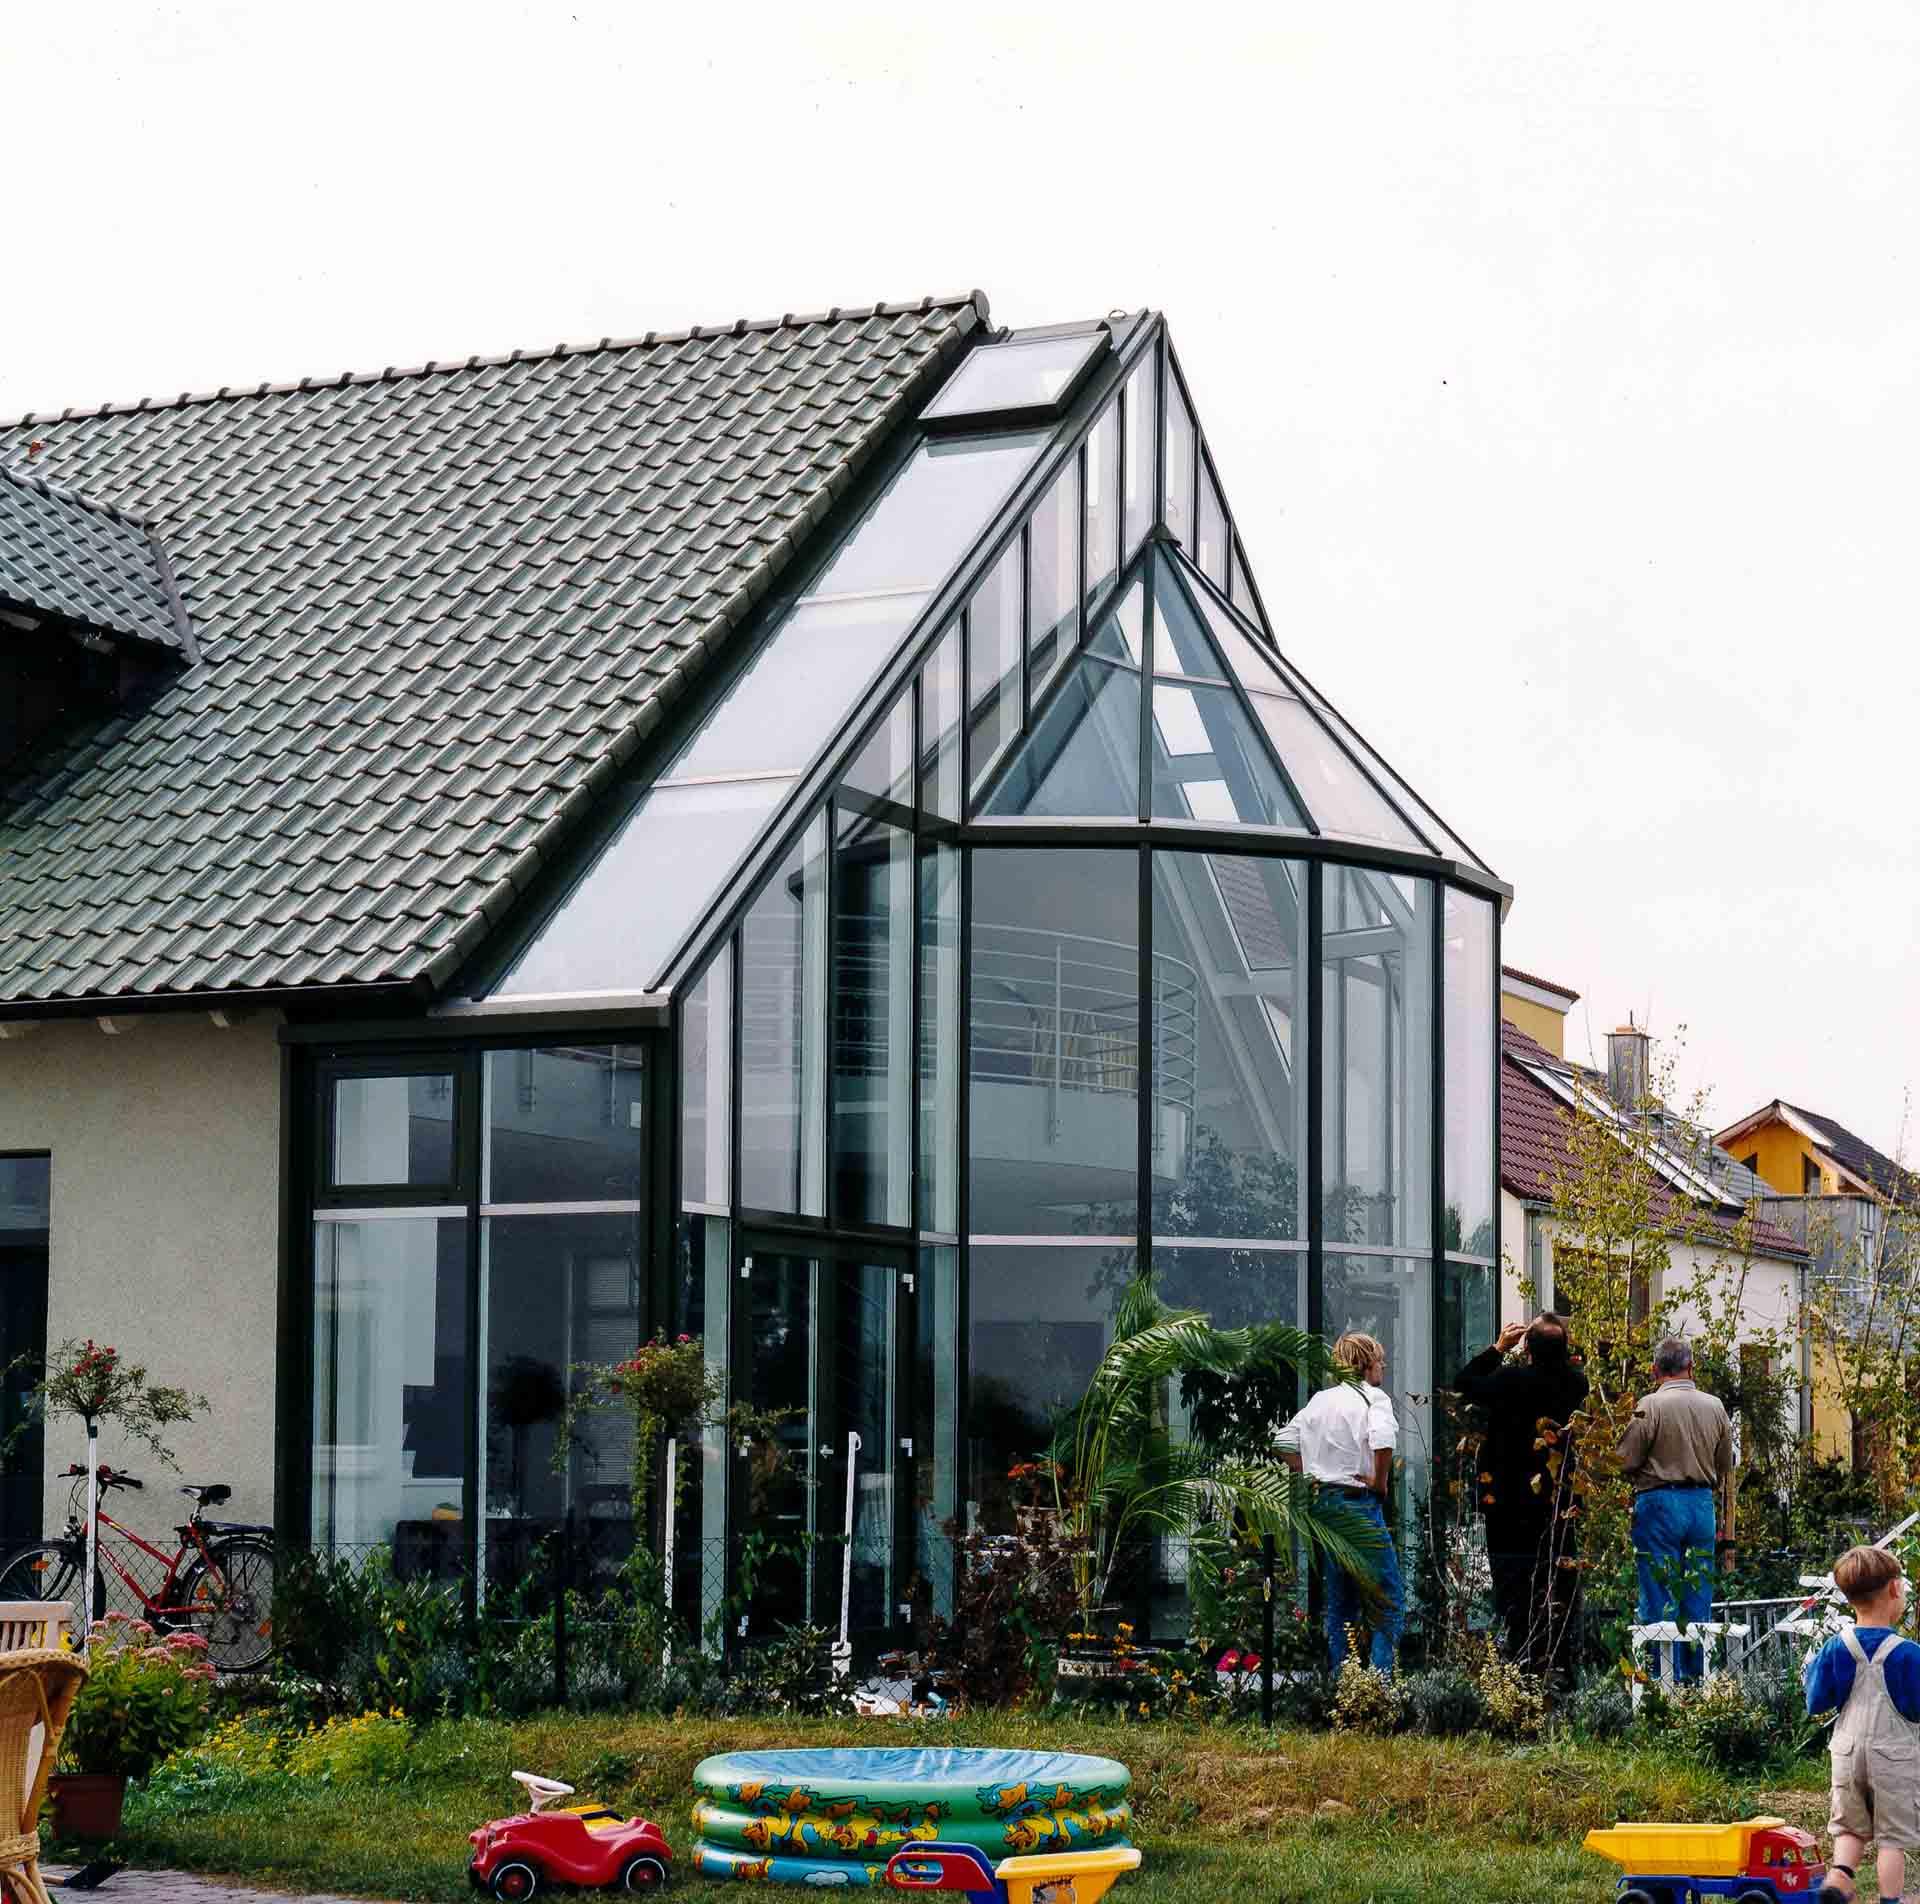 Wintergarten in Bornheim (Objekt 739).